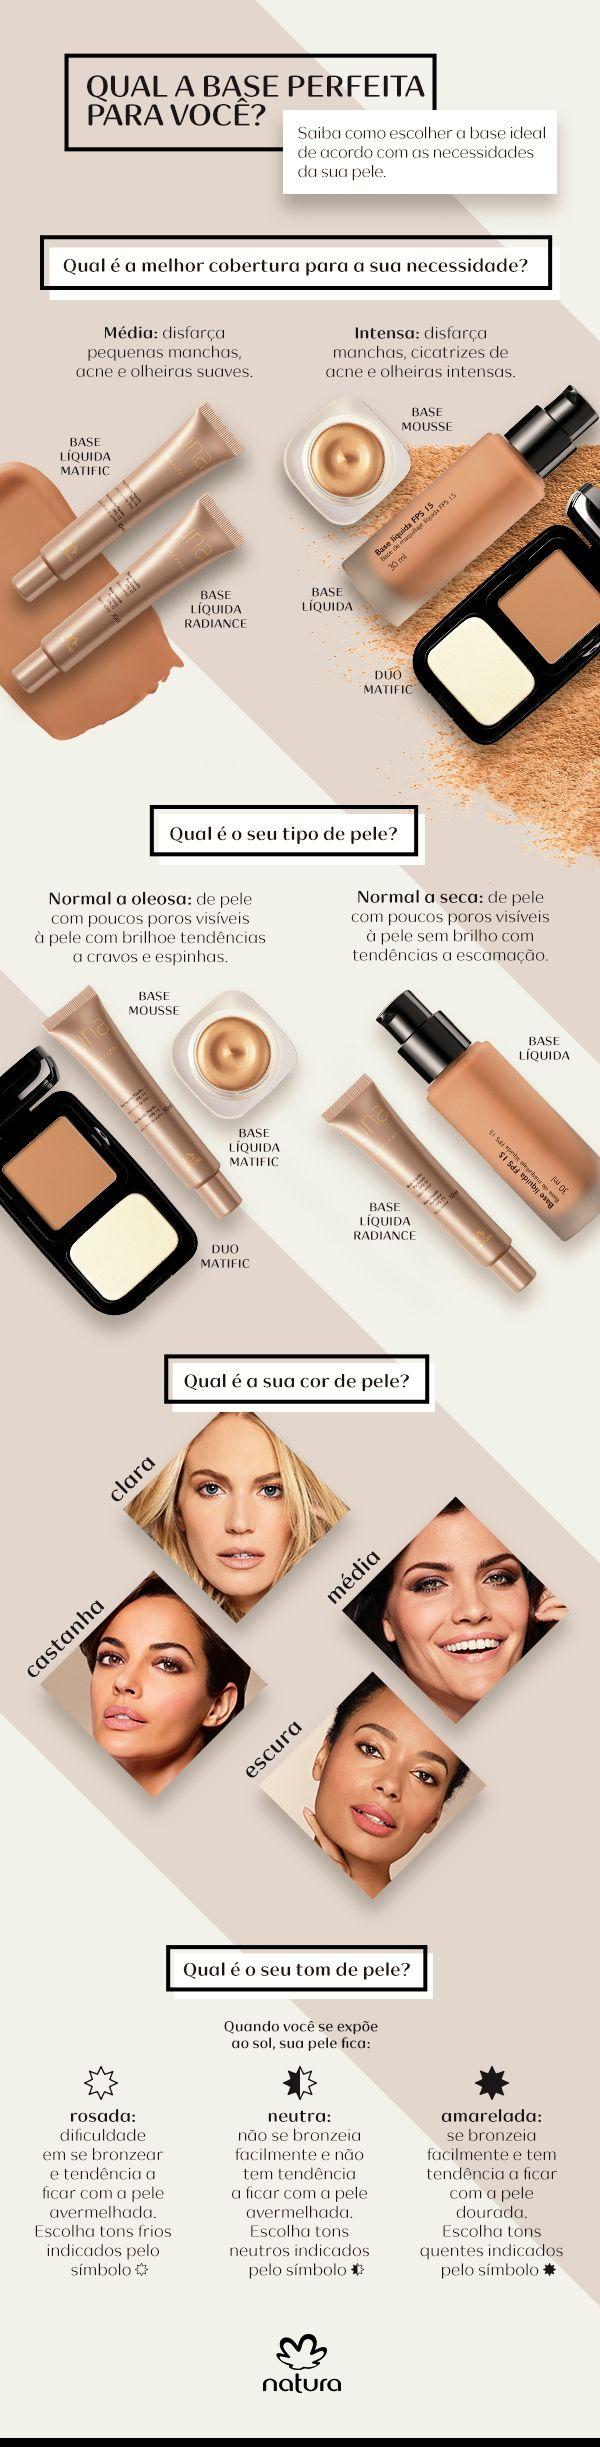 Escolher a base certa para sua pele pode ser gerar muitas dúvidas. Por isso, preparamos um tutorial de como escolher a sua seguindo essas quatro perguntas.